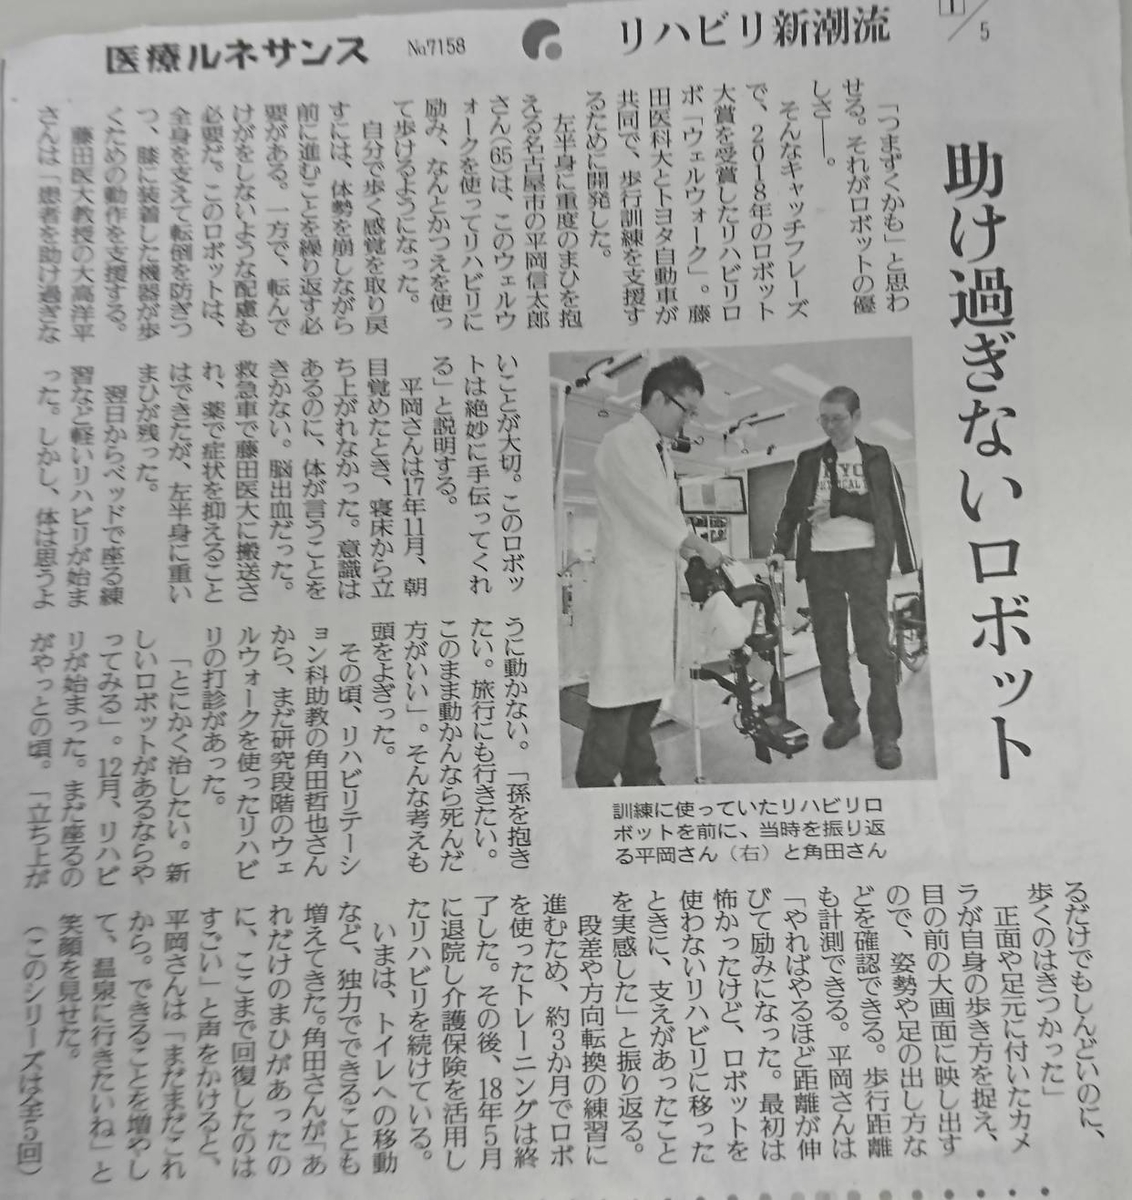 f:id:kazura-kobayashi:20200424141135j:plain